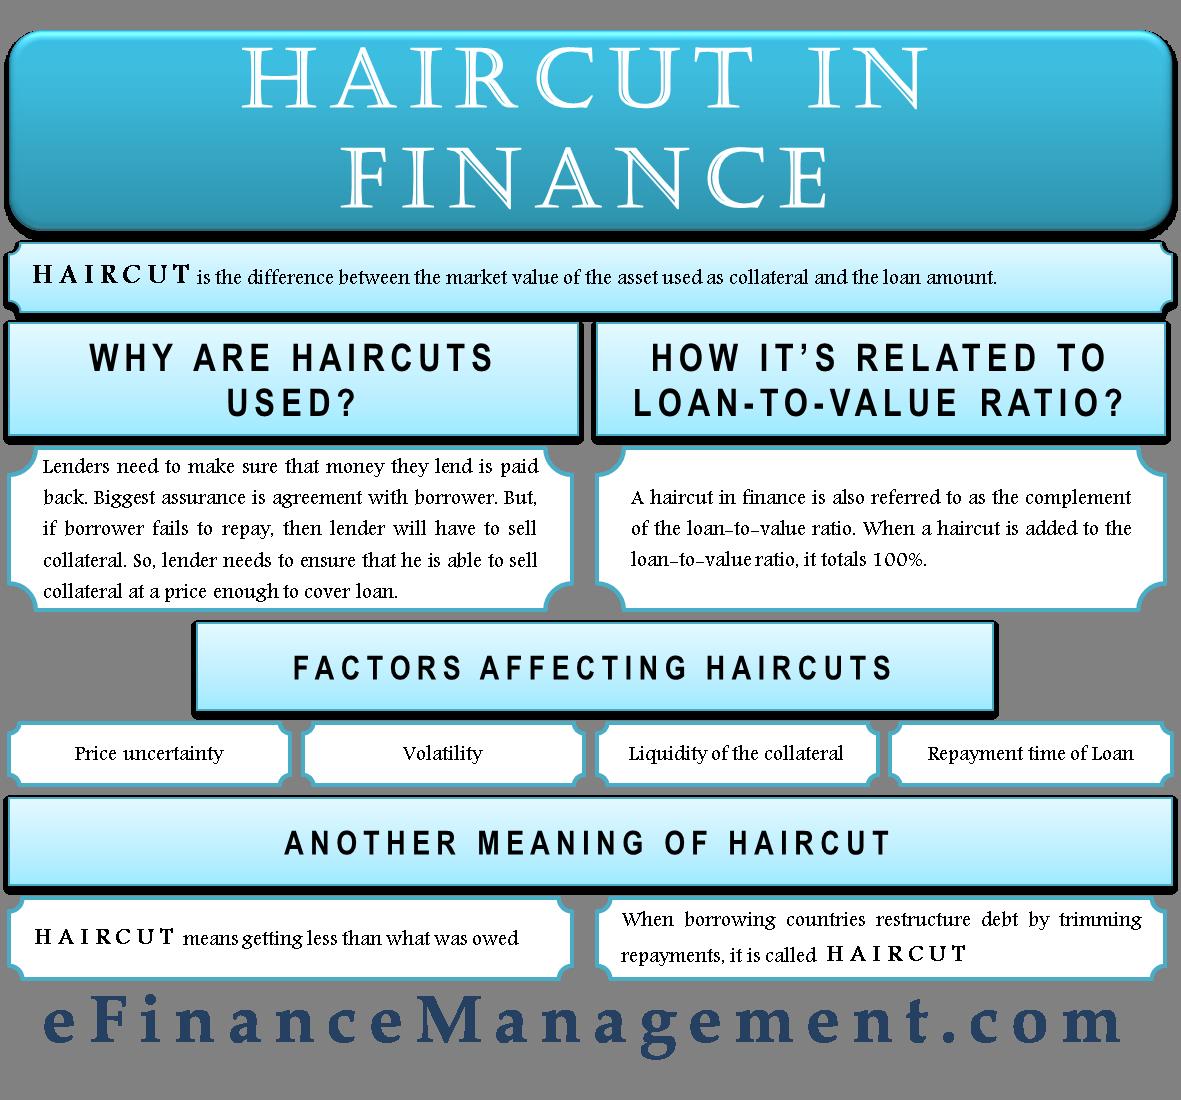 Haircut in Finance